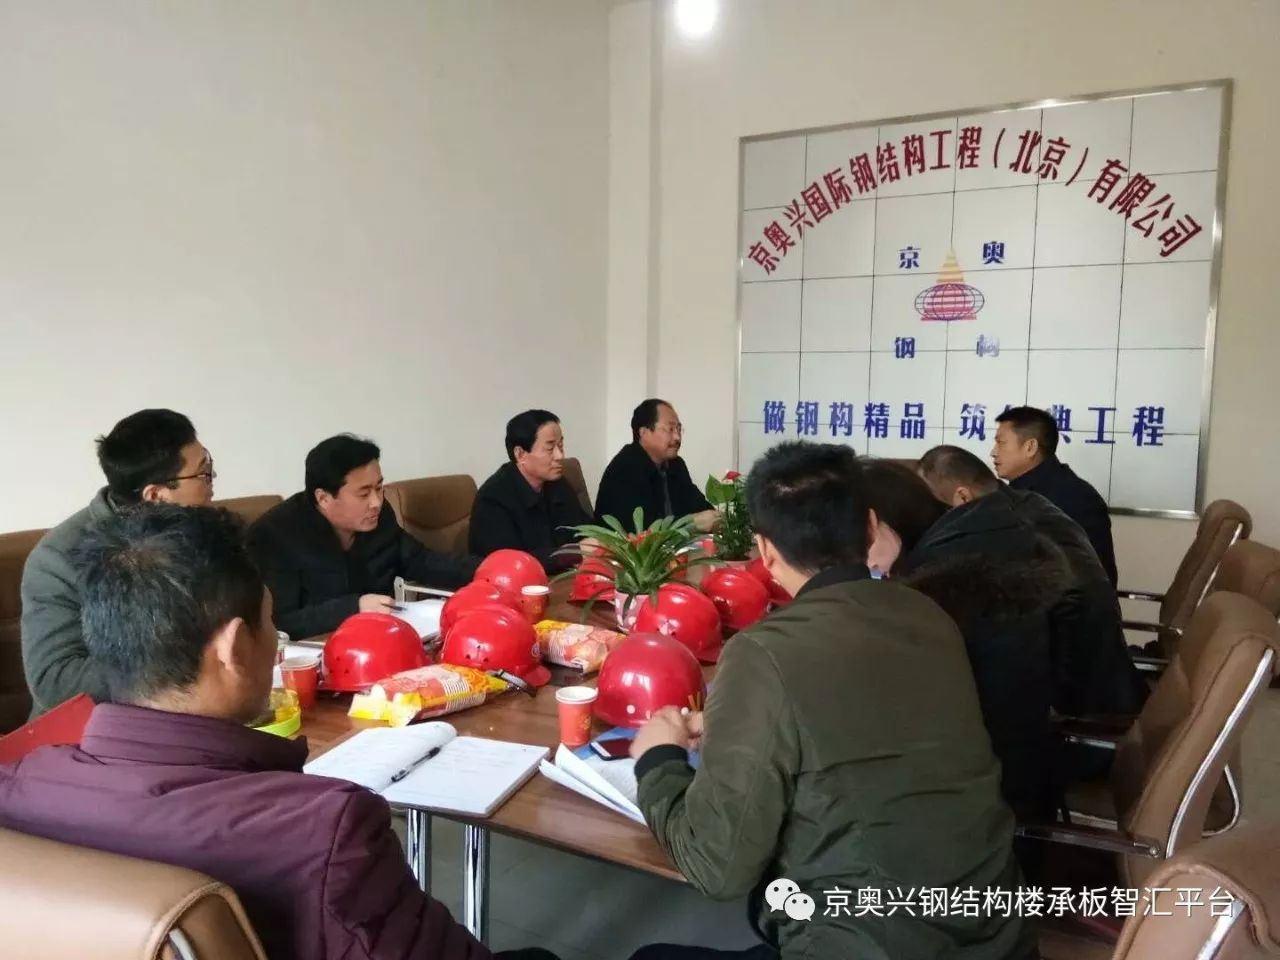 京奥兴钢构企业河北加工基地开展项目研讨会.jpg